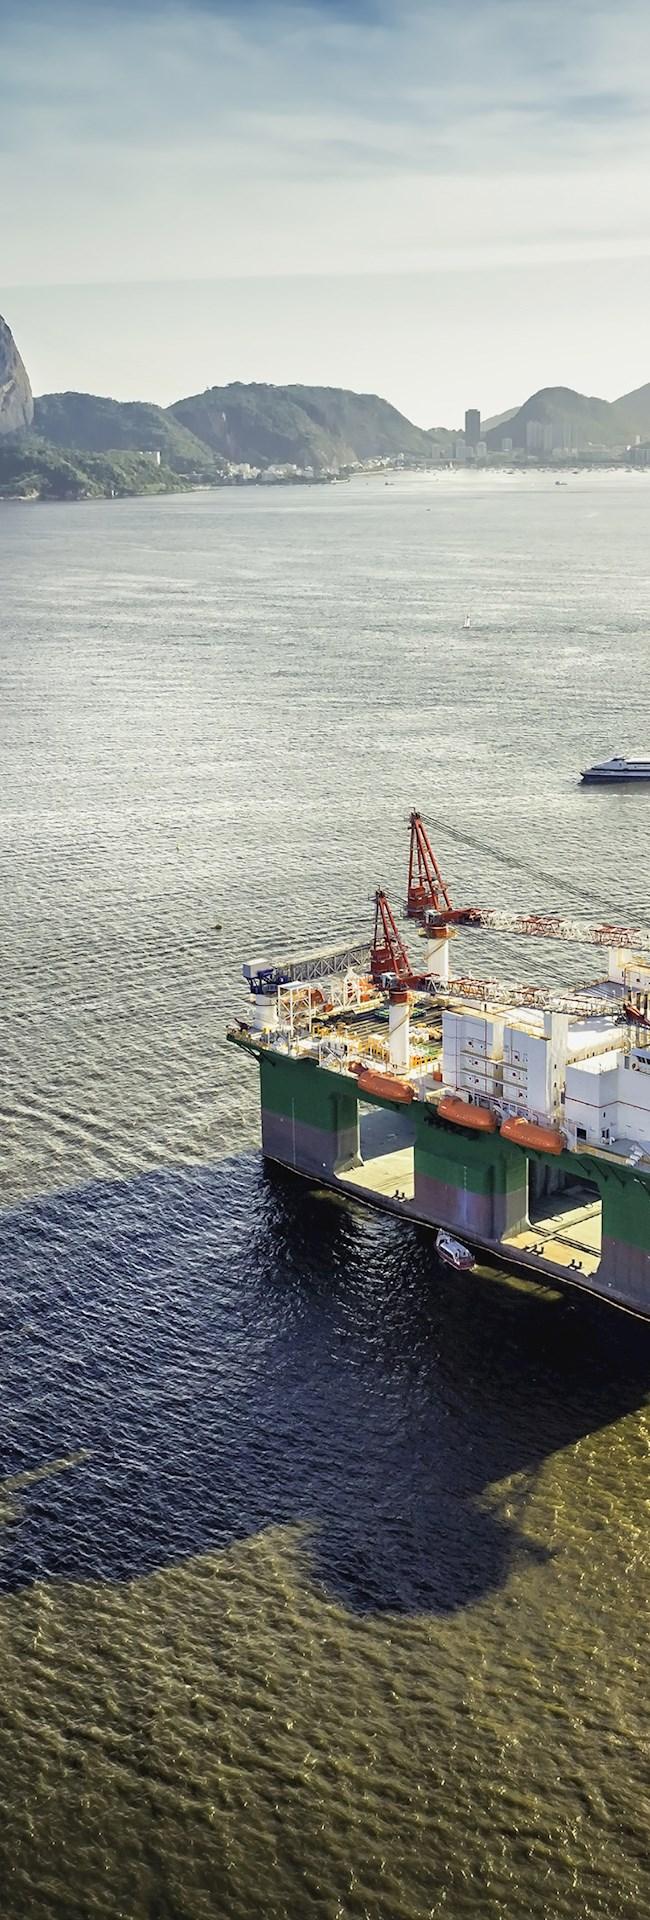 oil drilling rig in Rio